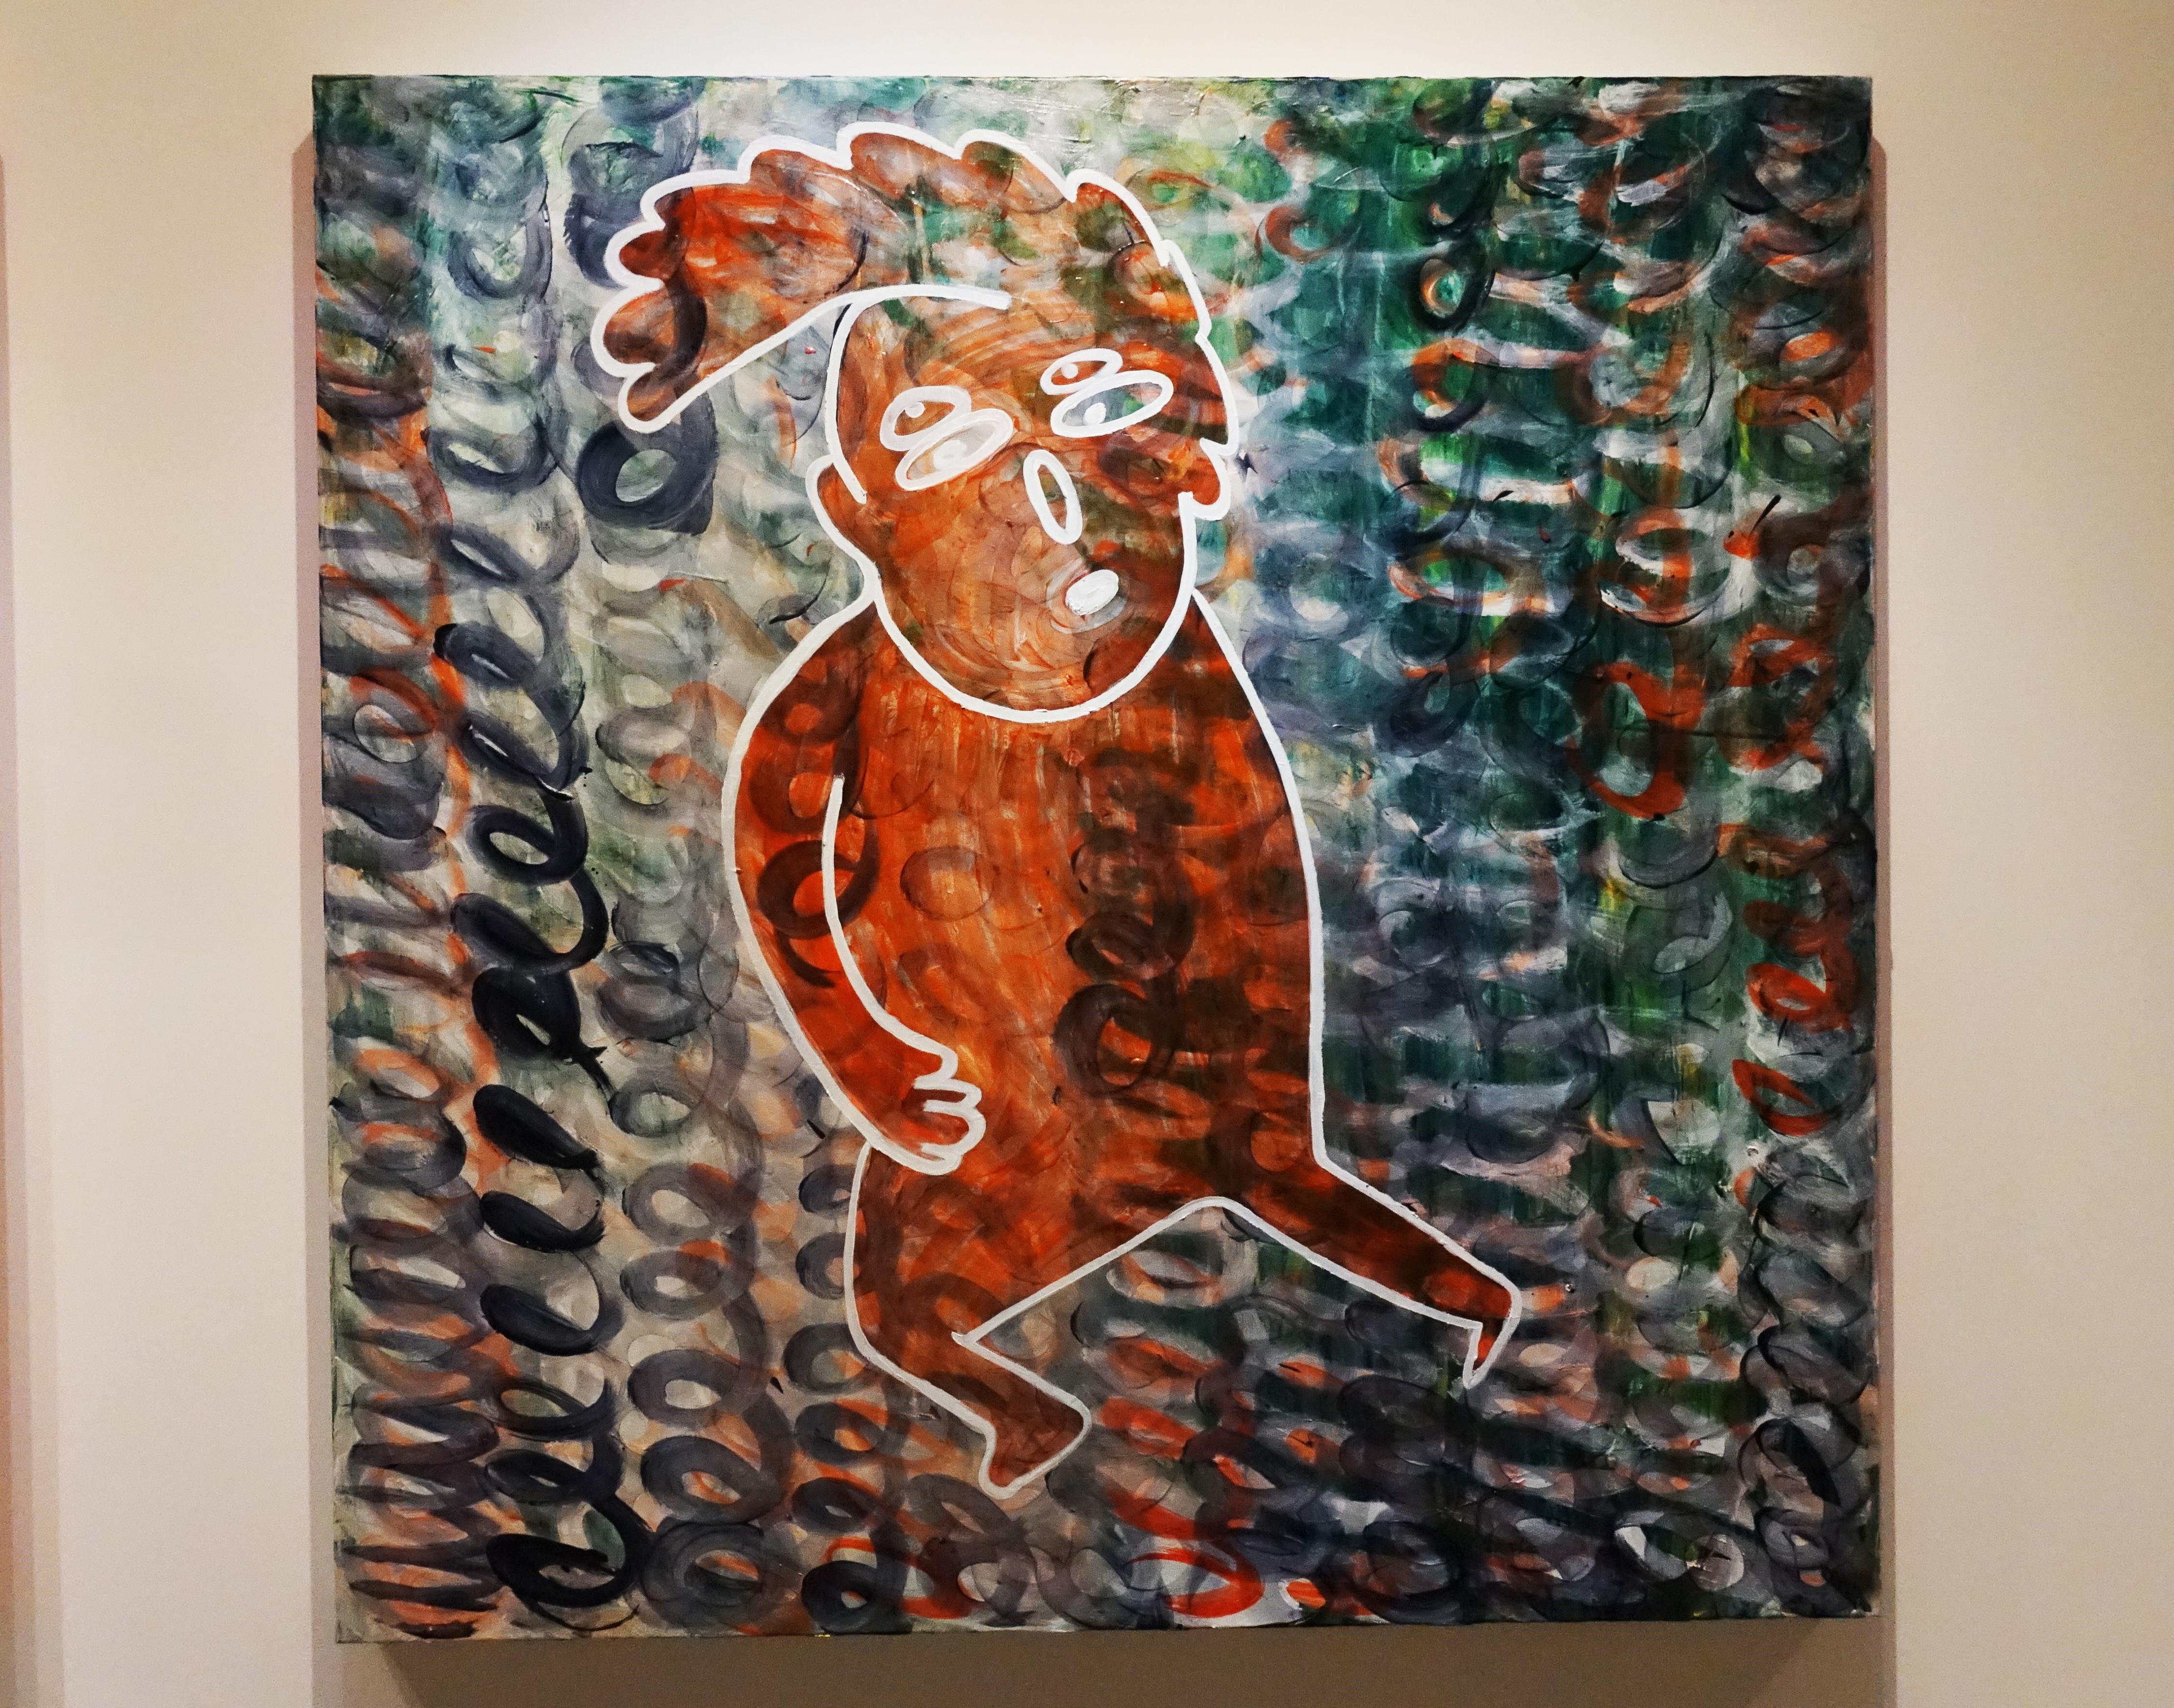 蕭筑方,《空氣吉他手》,120 x 120 cm,壓克力顏料、畫布,2019。